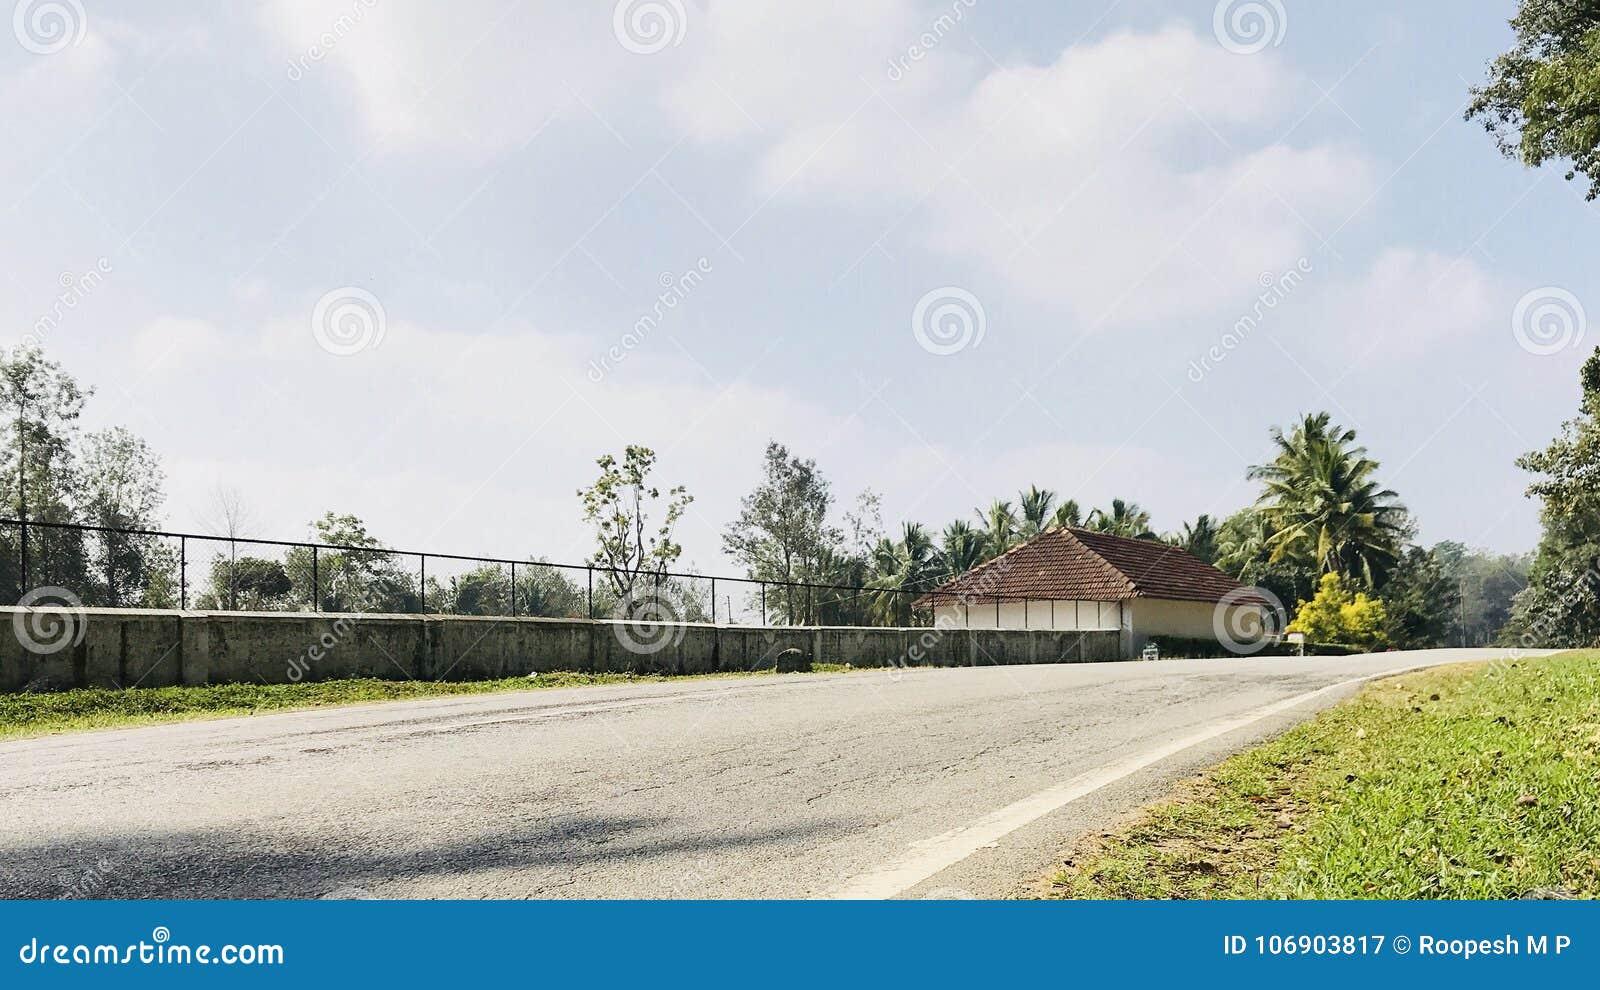 Dom na autostradzie